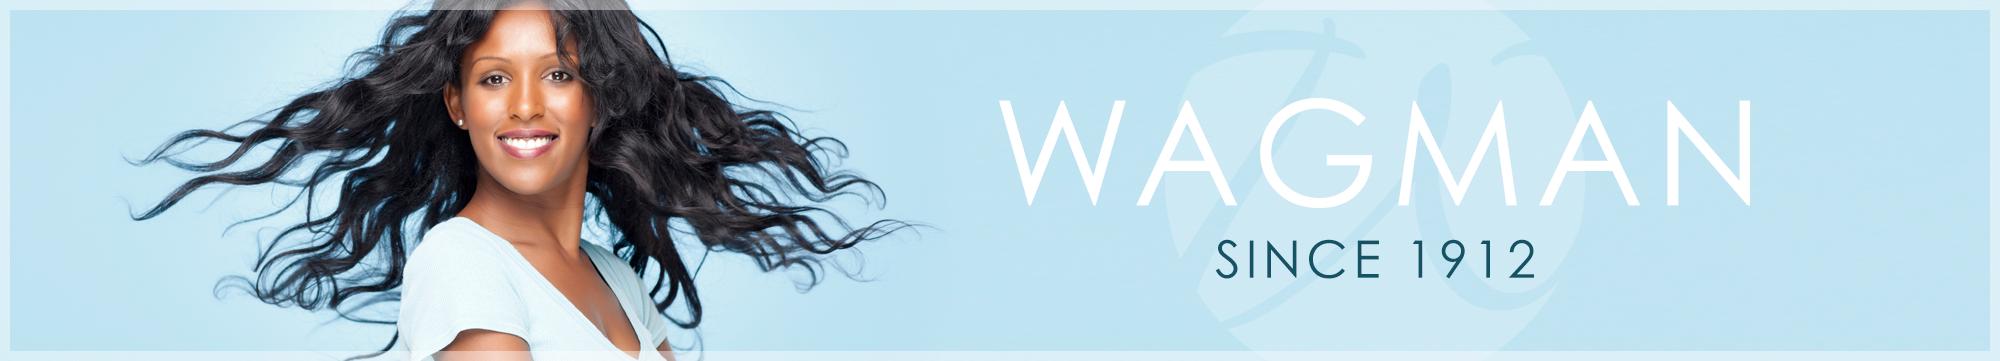 logo-wagman-banner-4.png